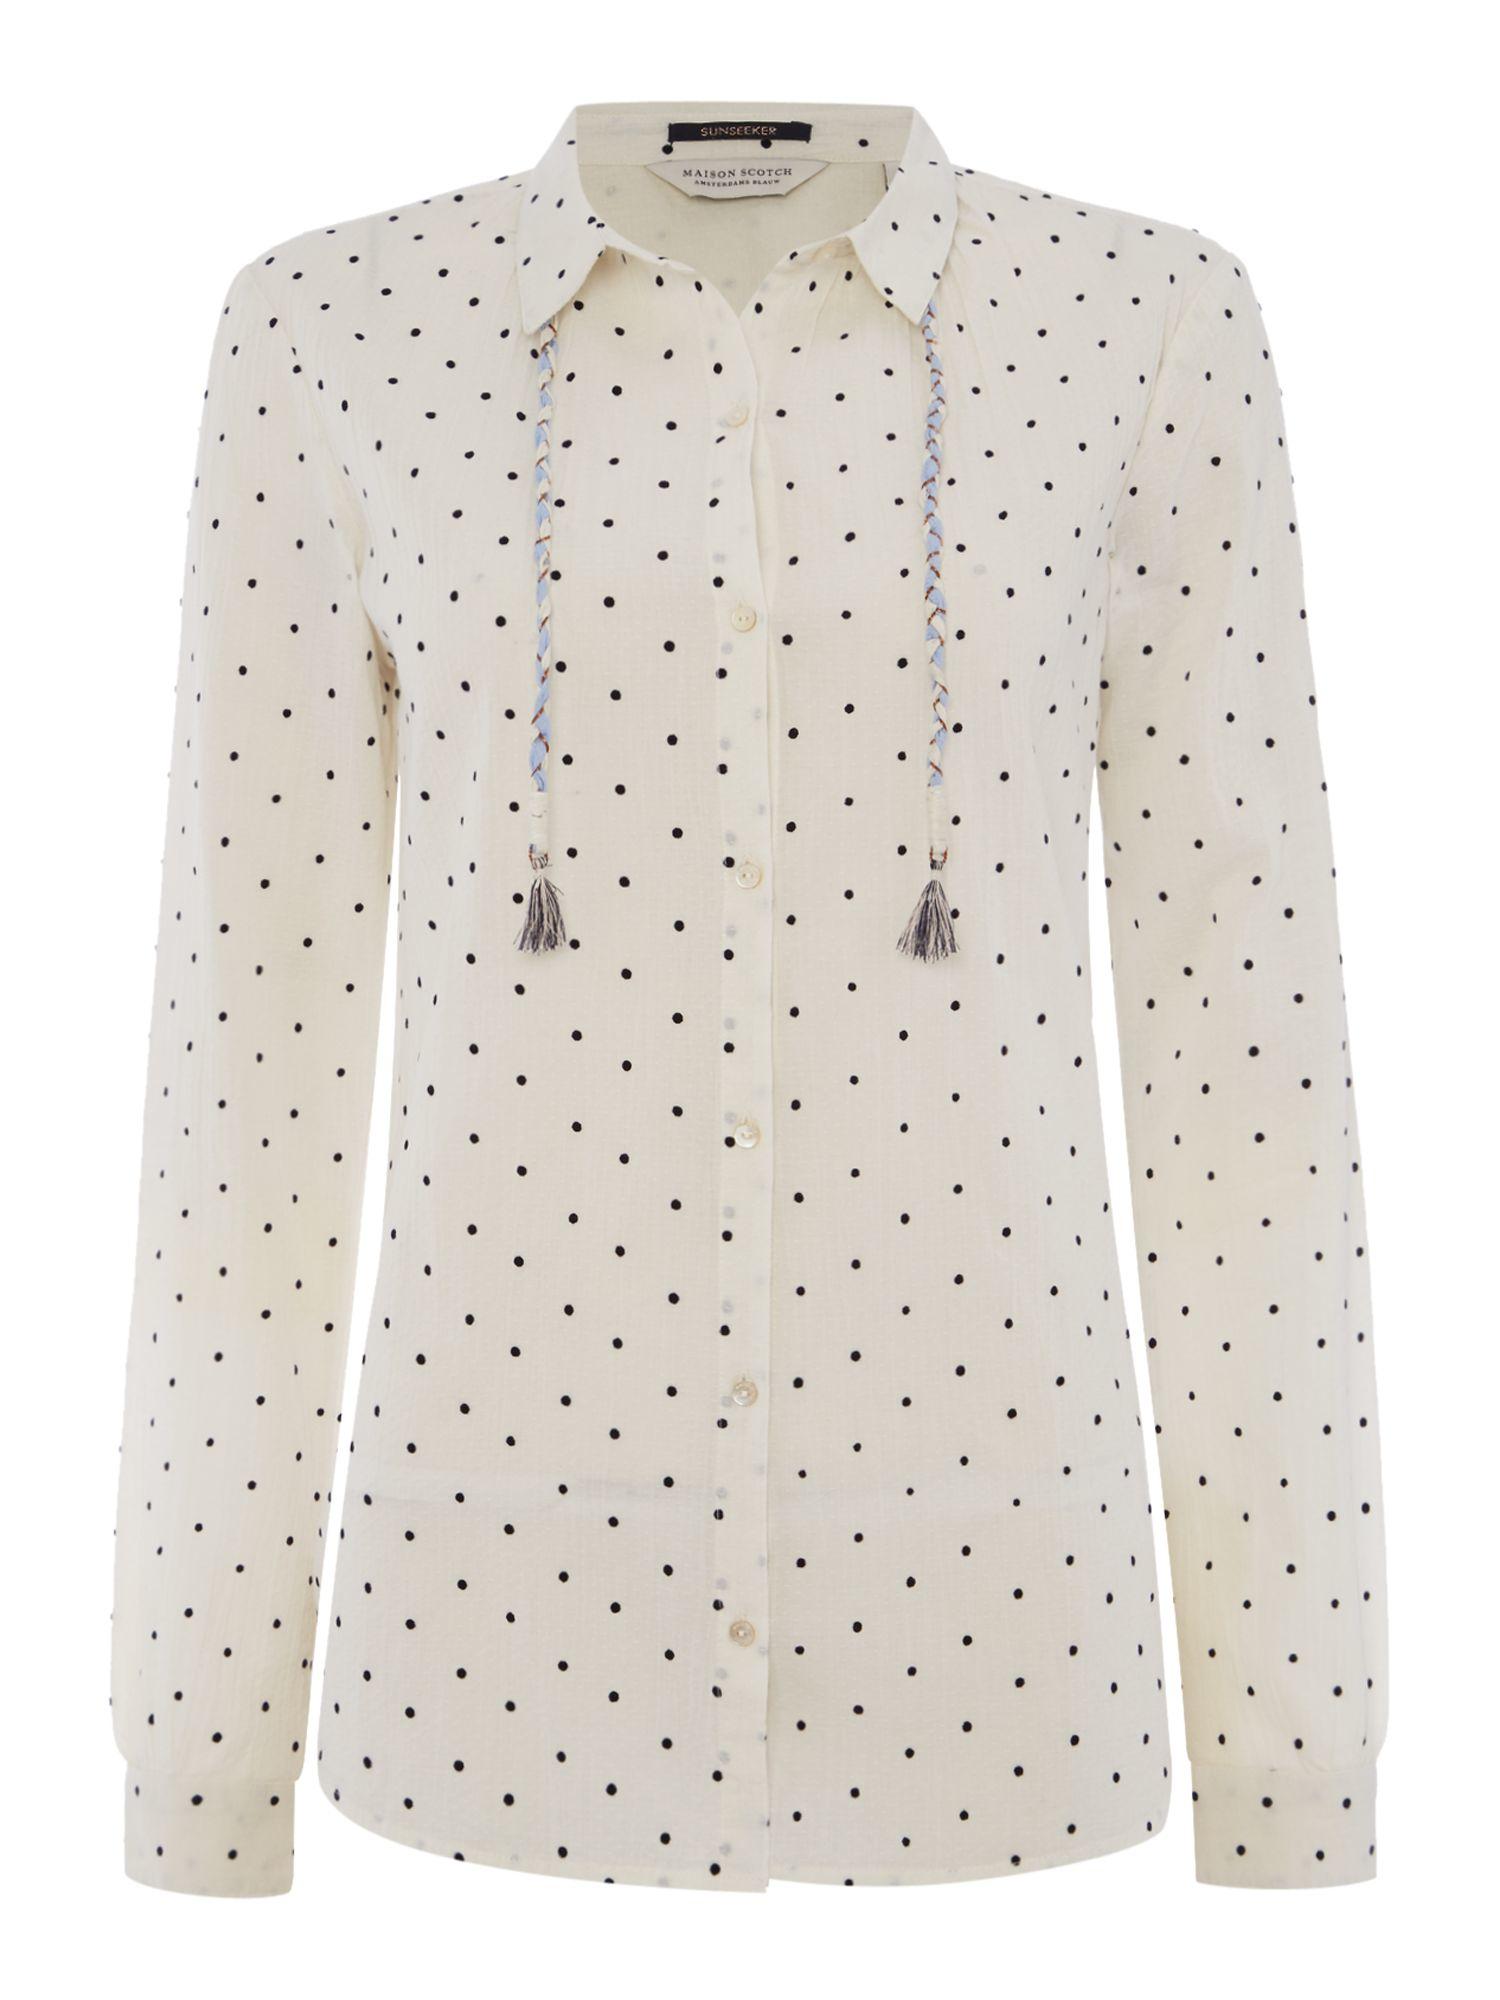 Lyst maison scotch lightweight long sleeve polka dot for Lightweight long sleeve shirts women s